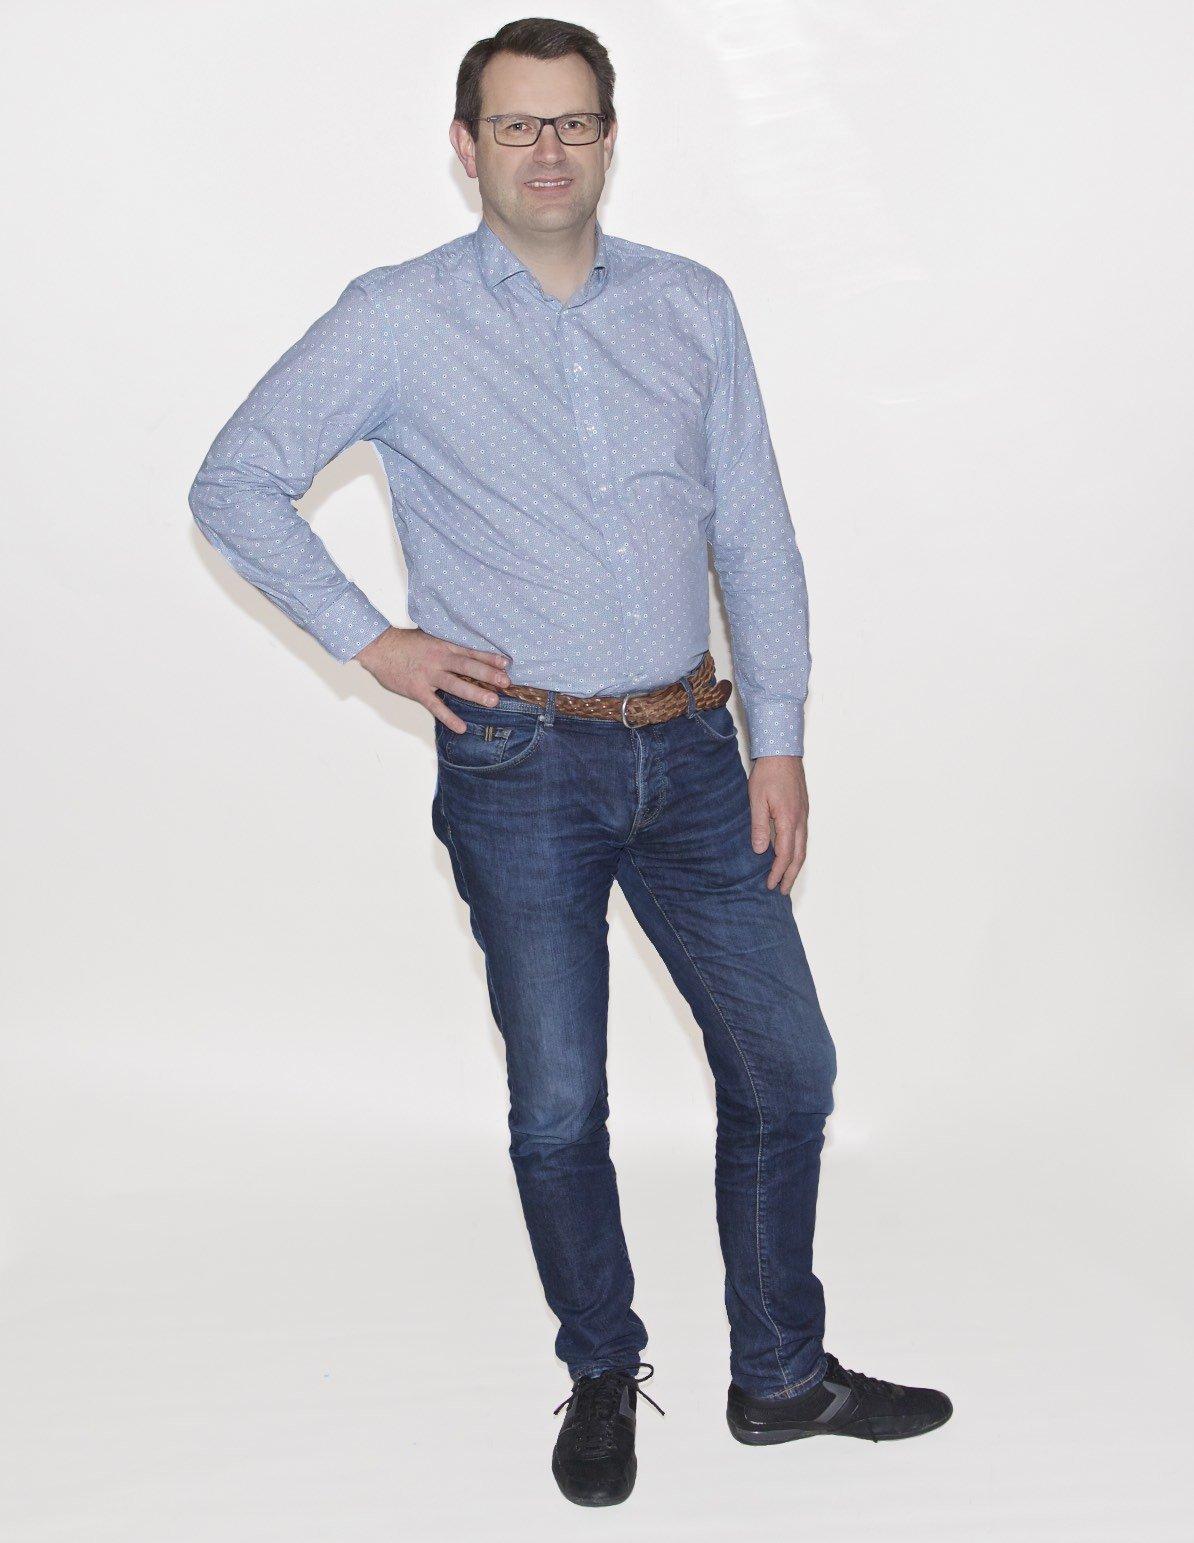 Bertrand Van den Dooren